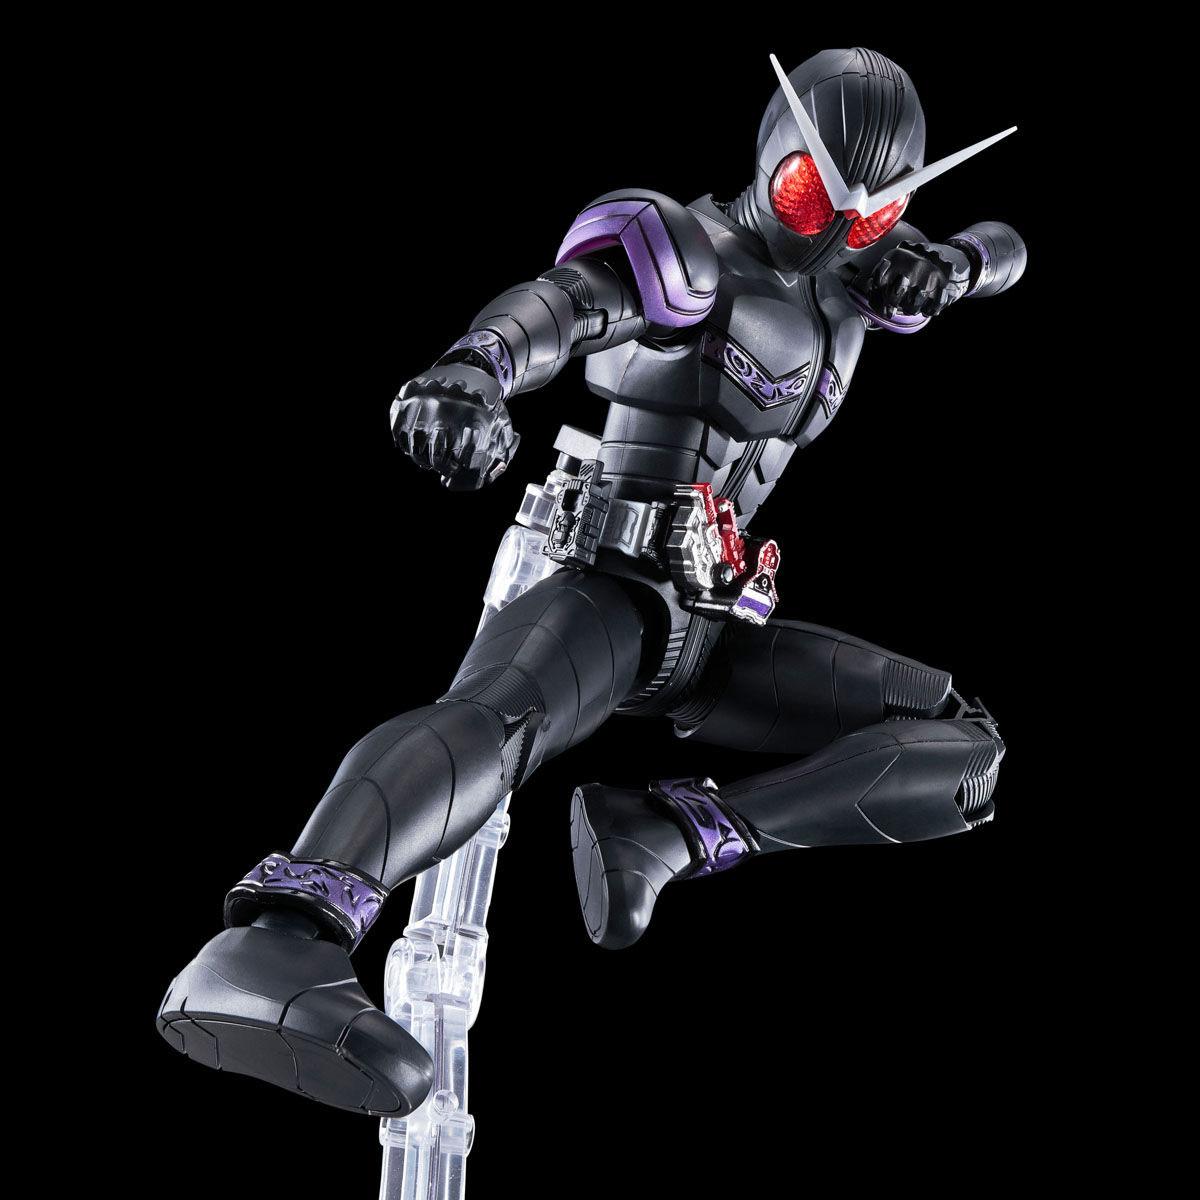 【限定販売】Figure-rise Standard『仮面ライダージョーカー』仮面ライダーW プラモデル-005